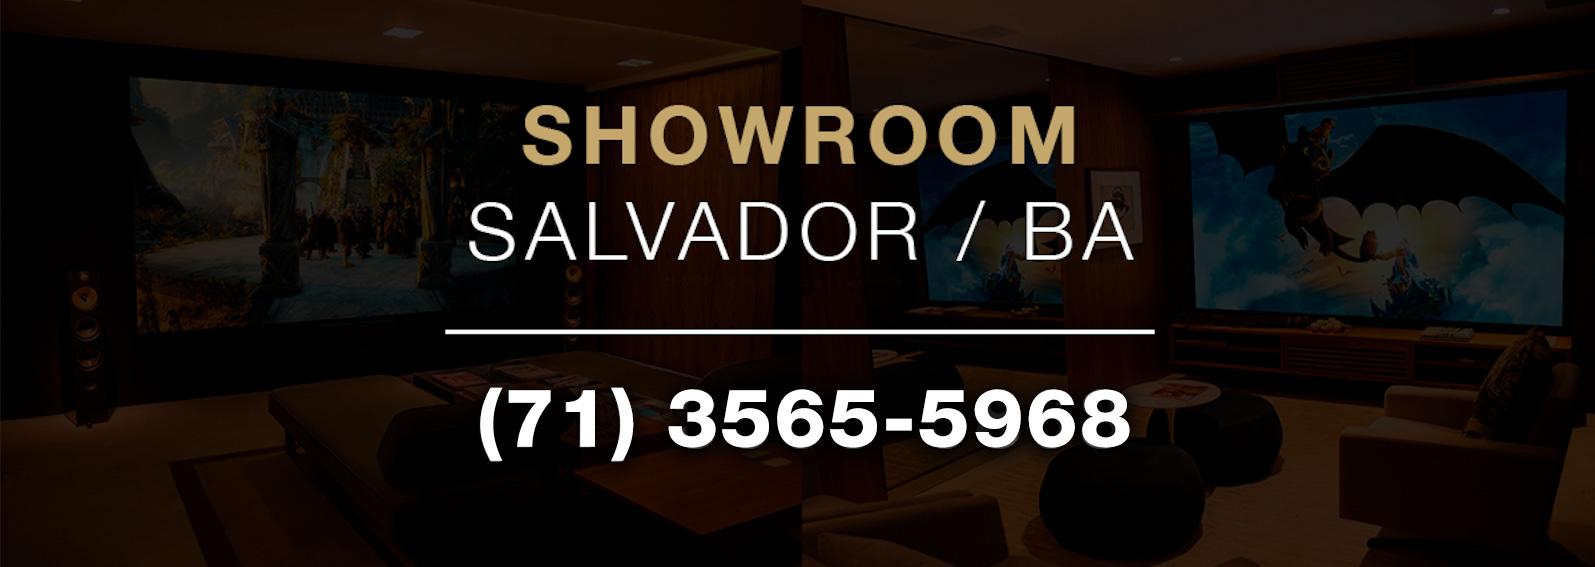 Projetos de home theater e automação residencial Salvador / Bahia | DAG Brasil